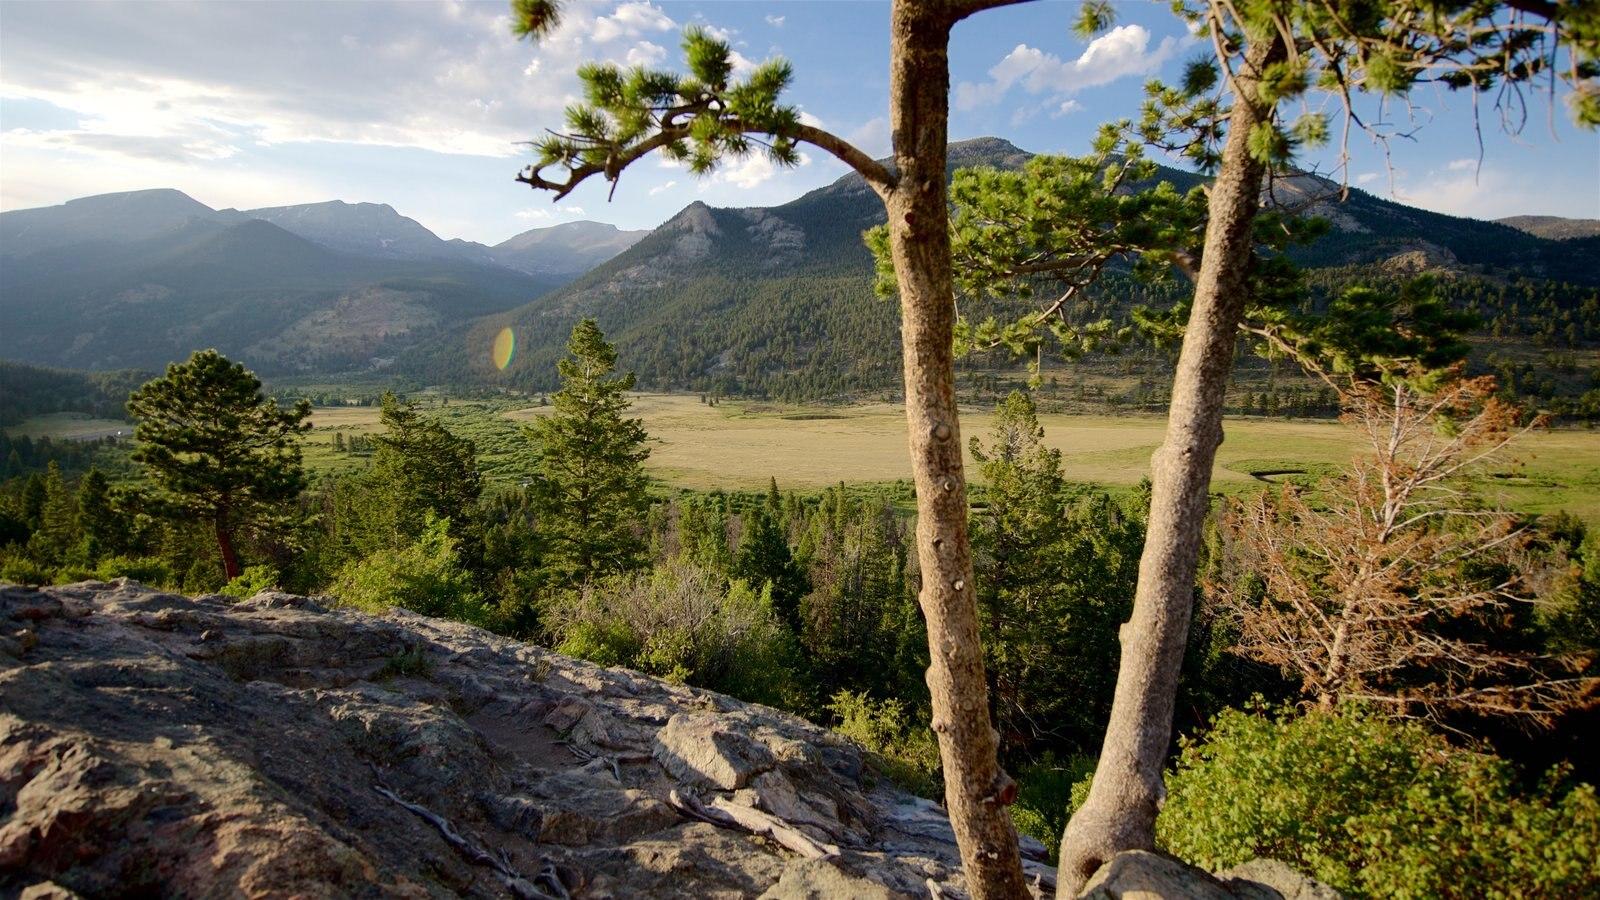 Rocky Mountain National Park caracterizando cenas tranquilas, paisagem e montanhas